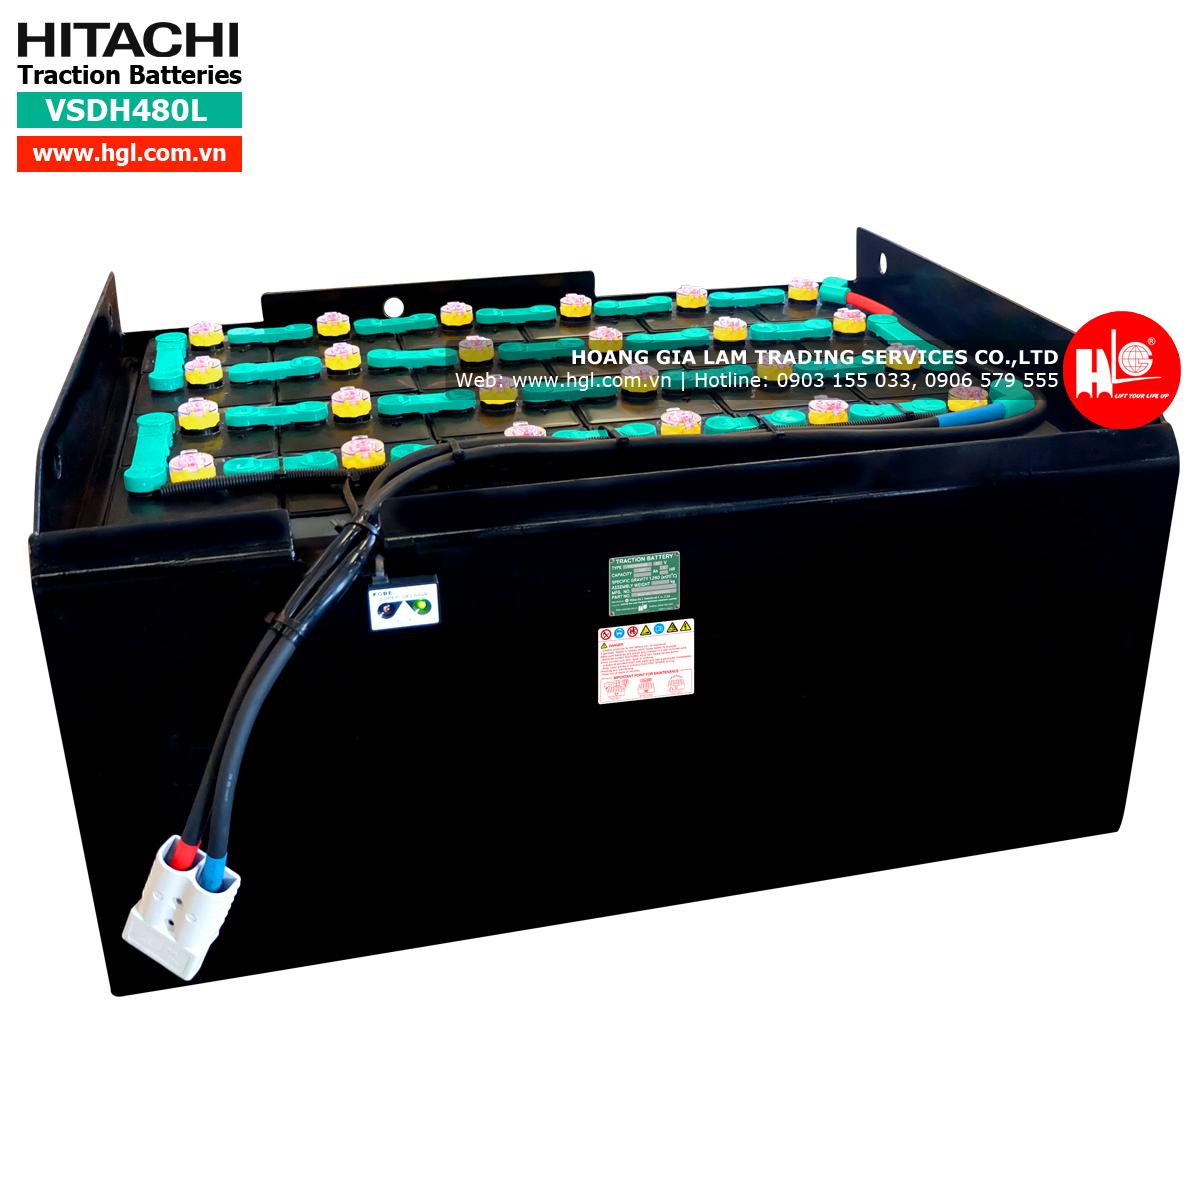 binh-dien-xe-nang-hitachi-VSDH480L-1